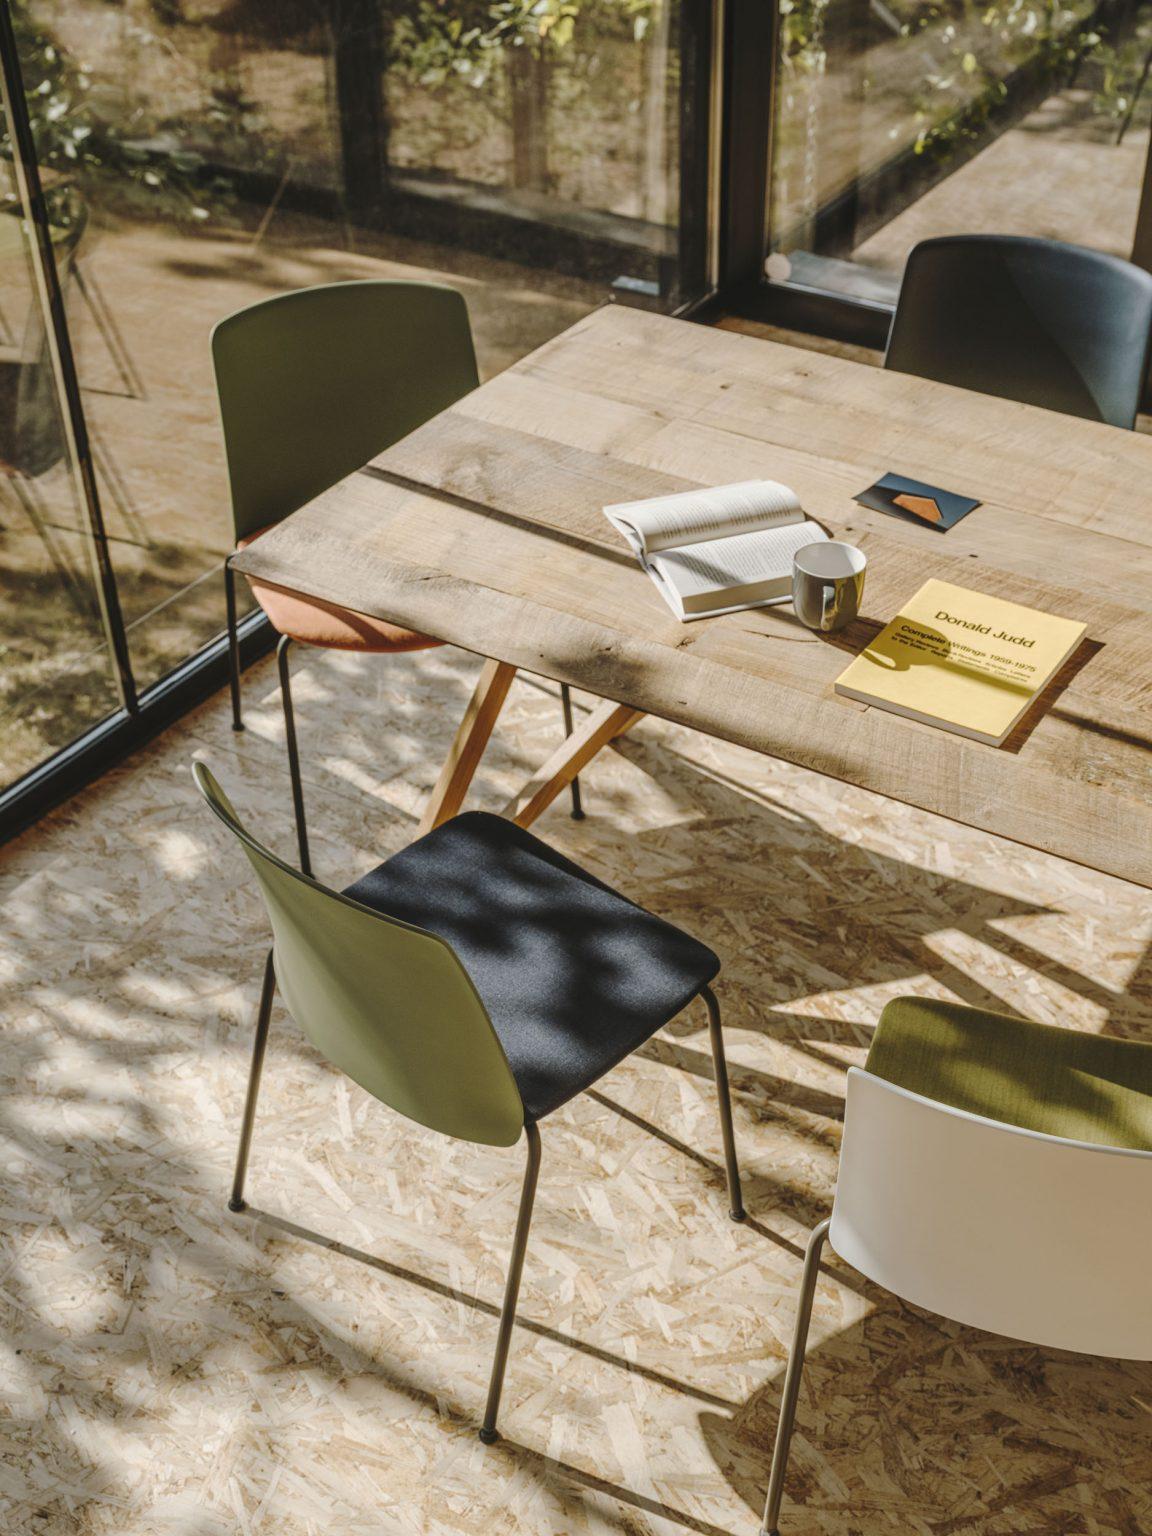 Biennale Interieur - Belgium's leading design and interior event - Arper_mixu_ph_salva_lopez.jpg